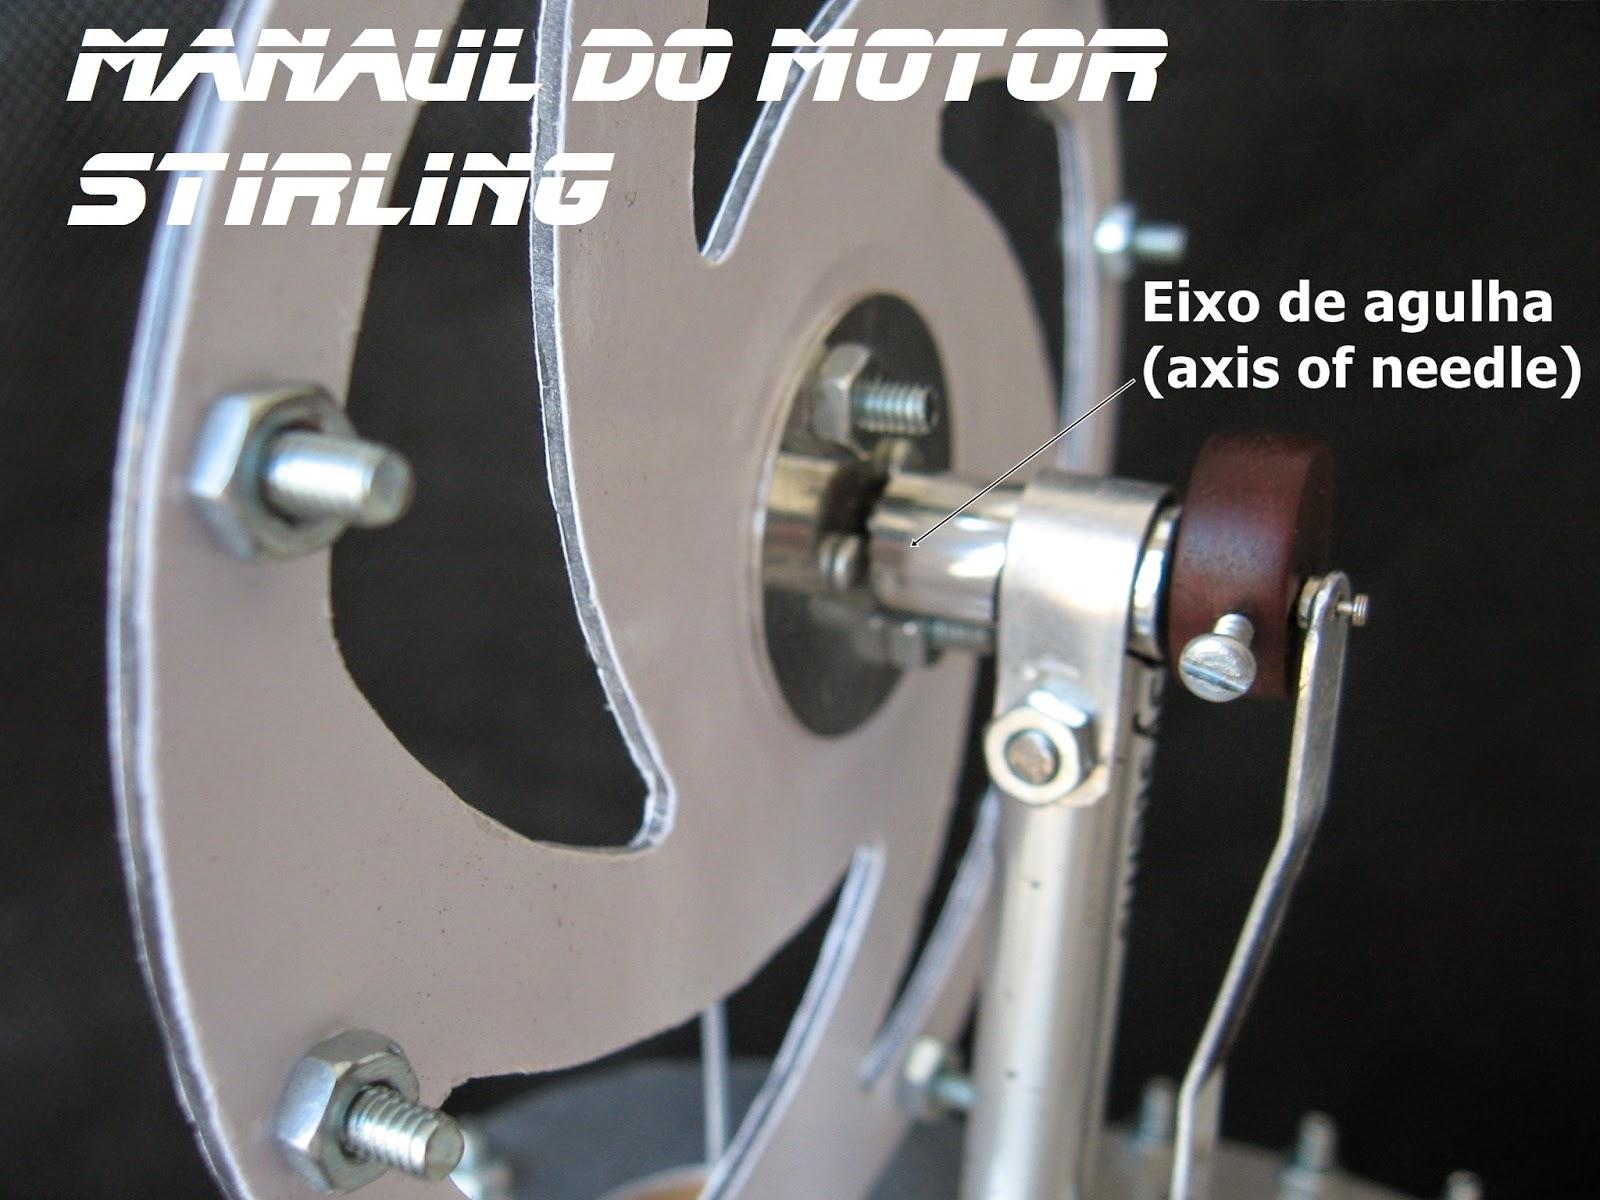 Motor Stirling LTD Gama caseiro, usado uma agulha para o eixo do virabrequim